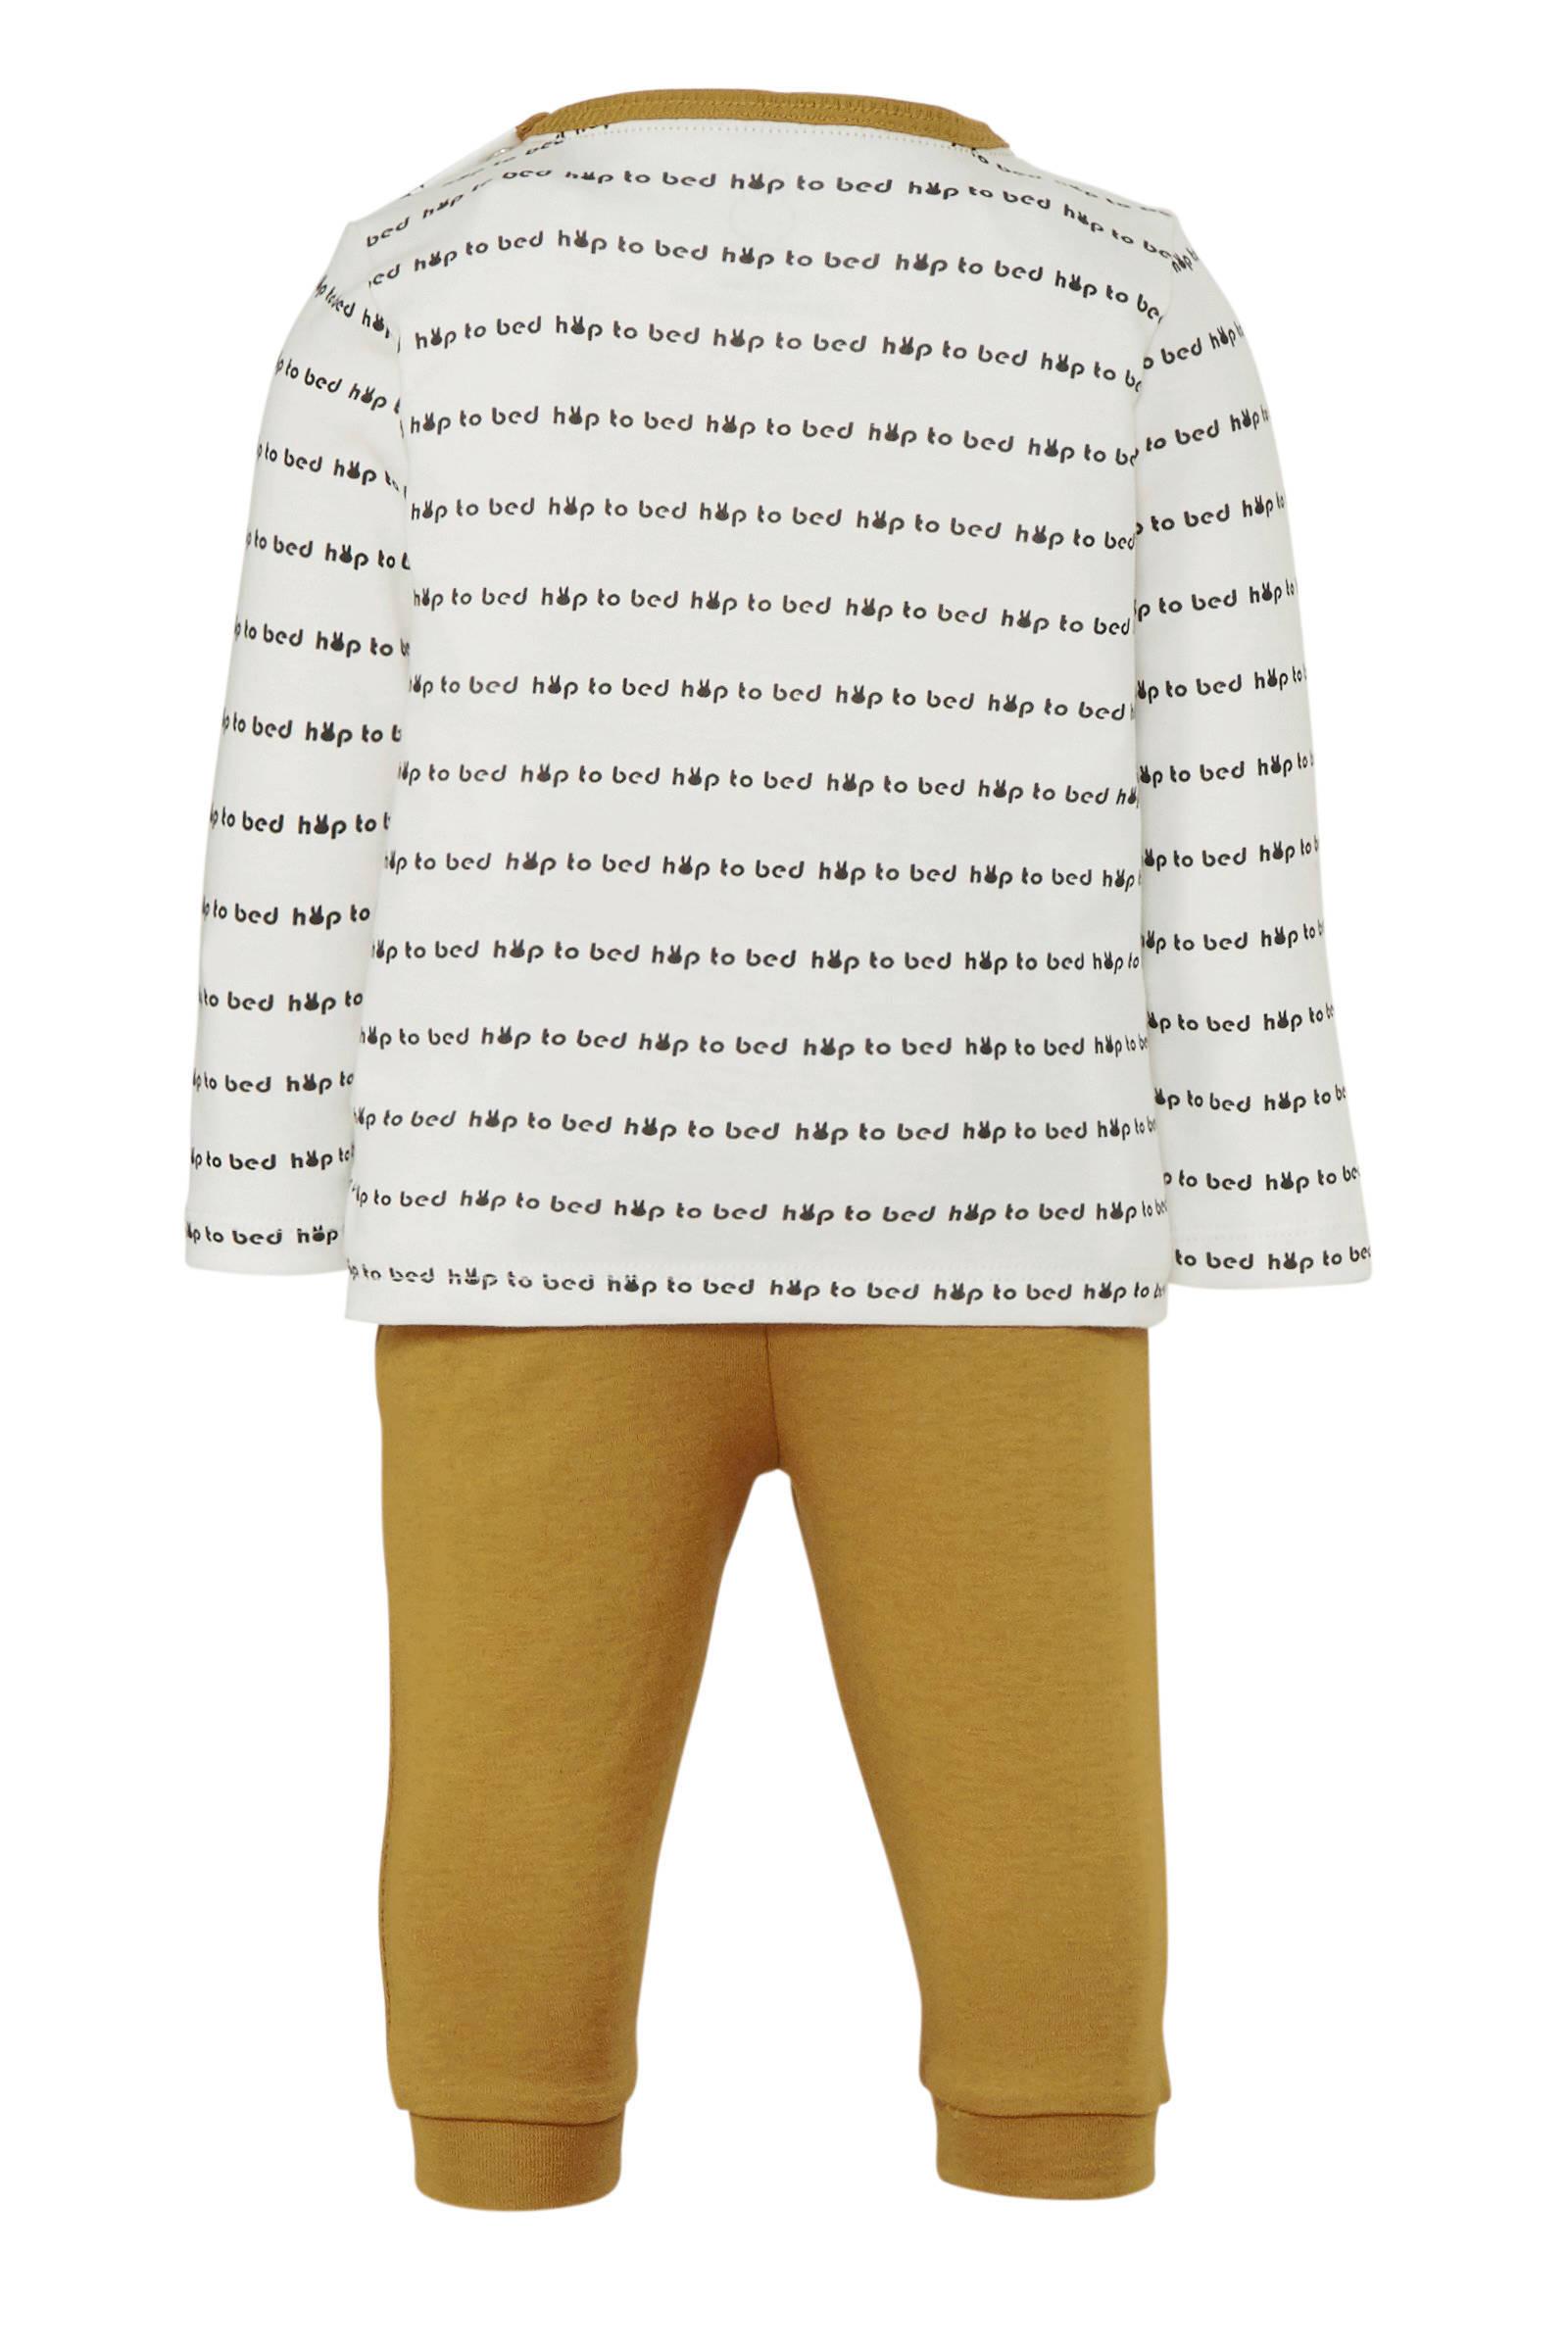 C&A nijntje pyjama nijntje witbruinzwart | wehkamp